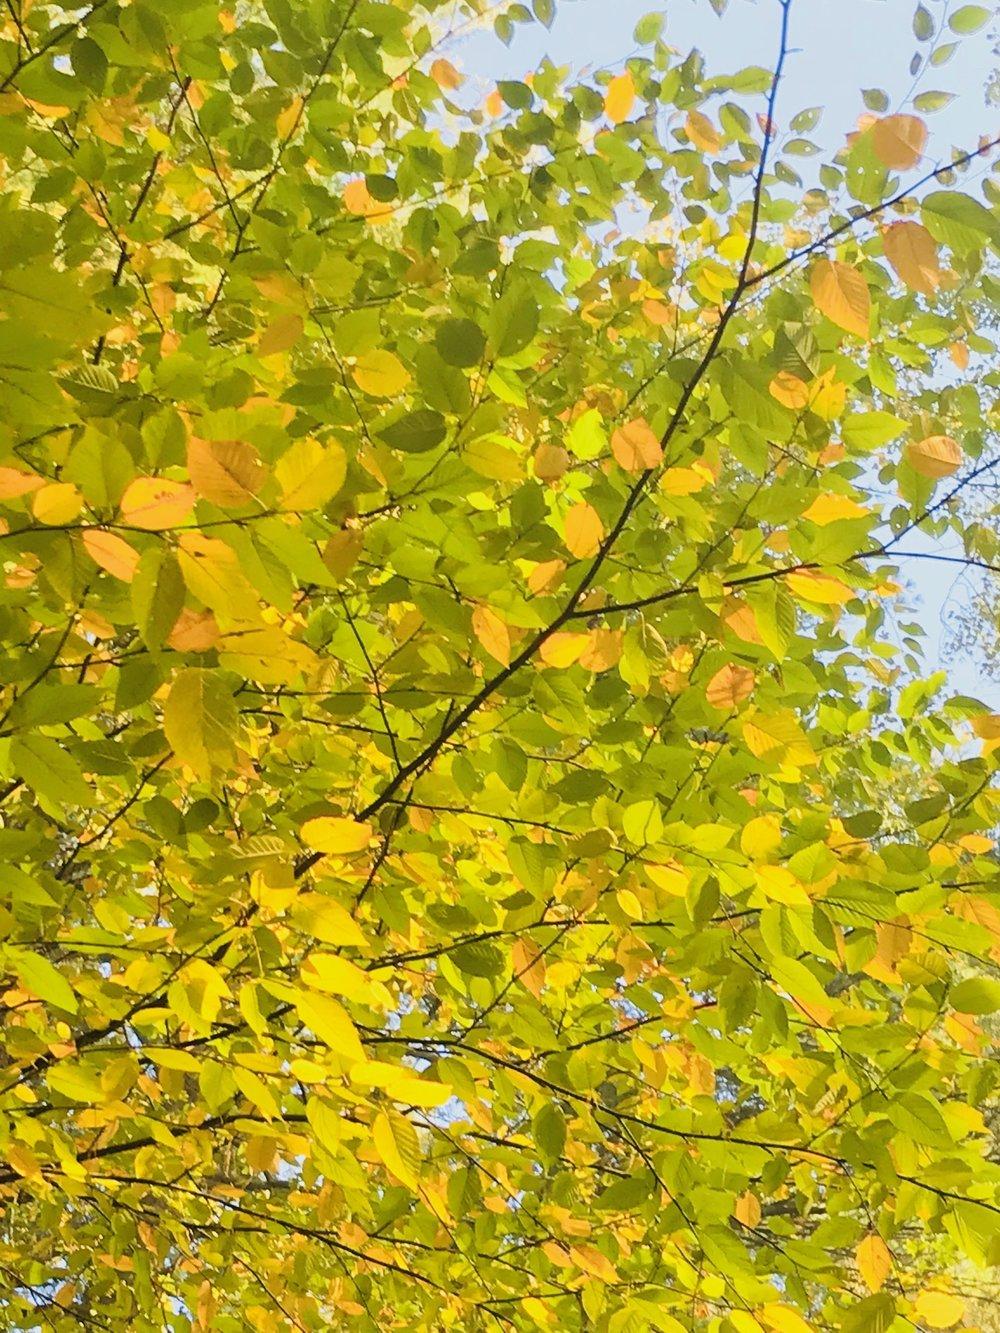 shower of October light under beech